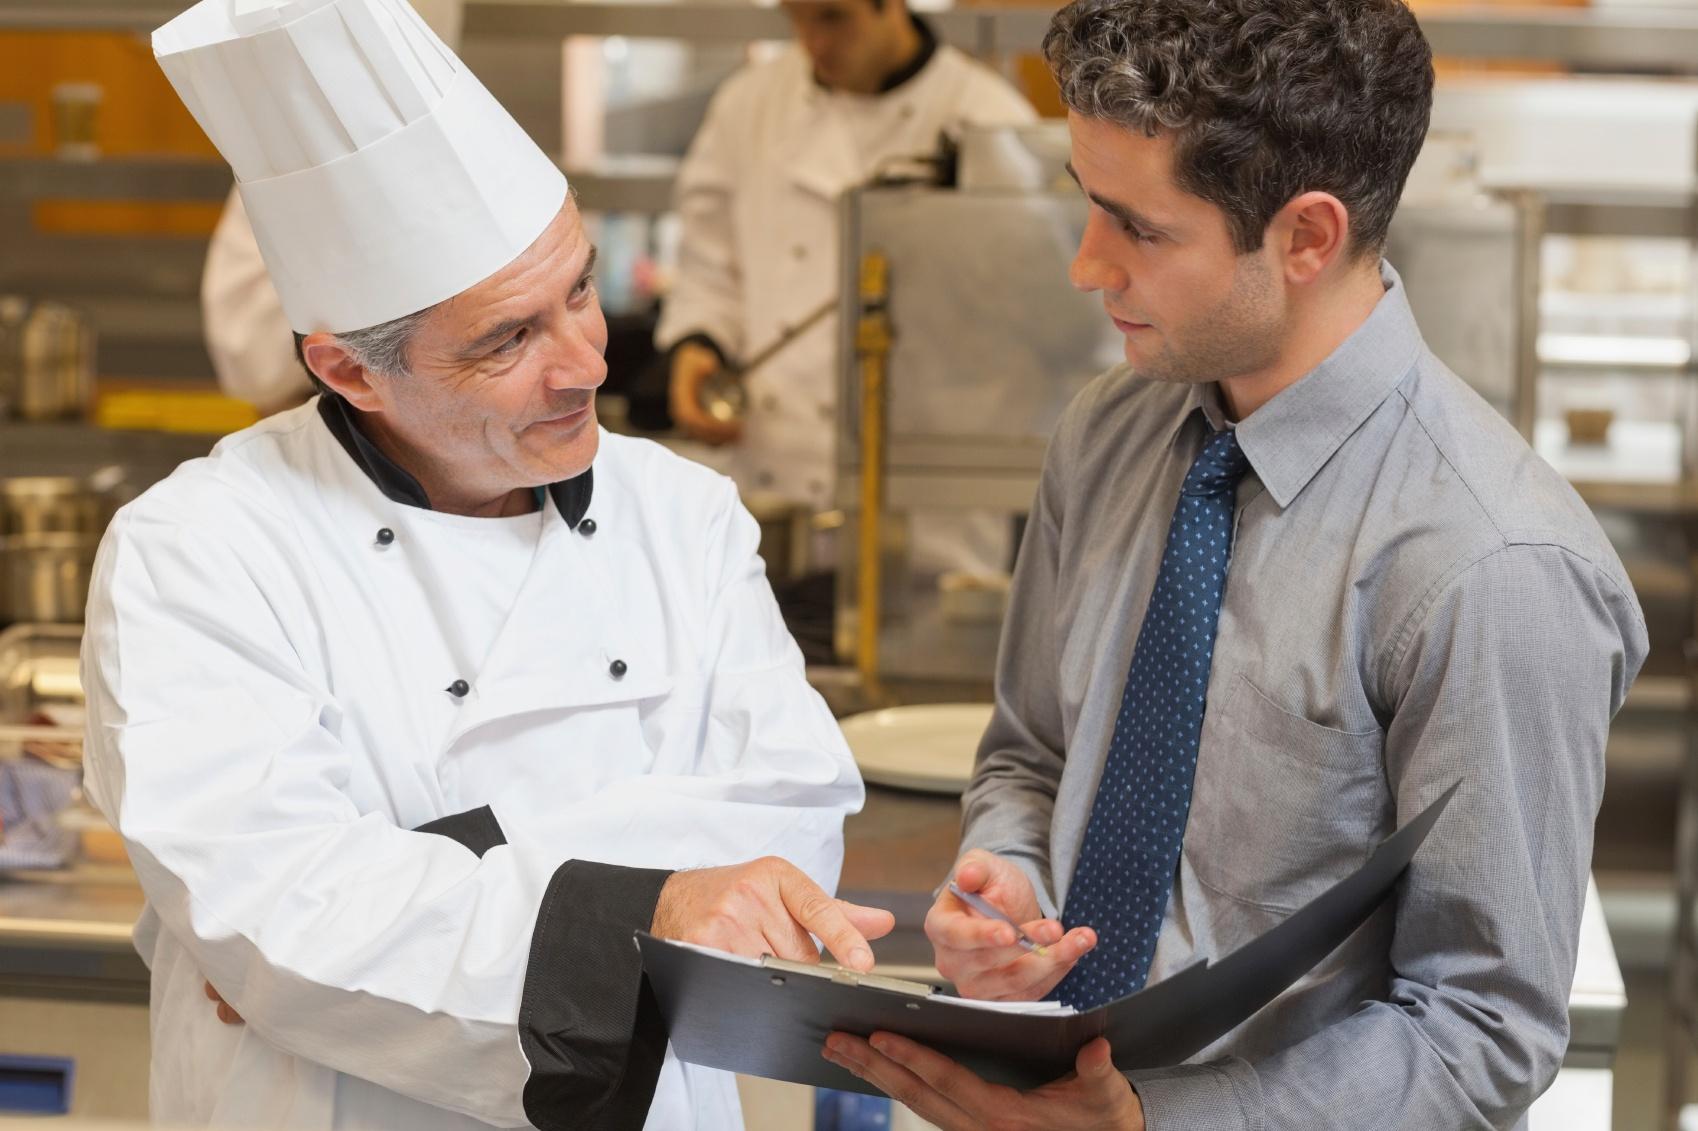 Cuál es la misión de un jefe de cocina?